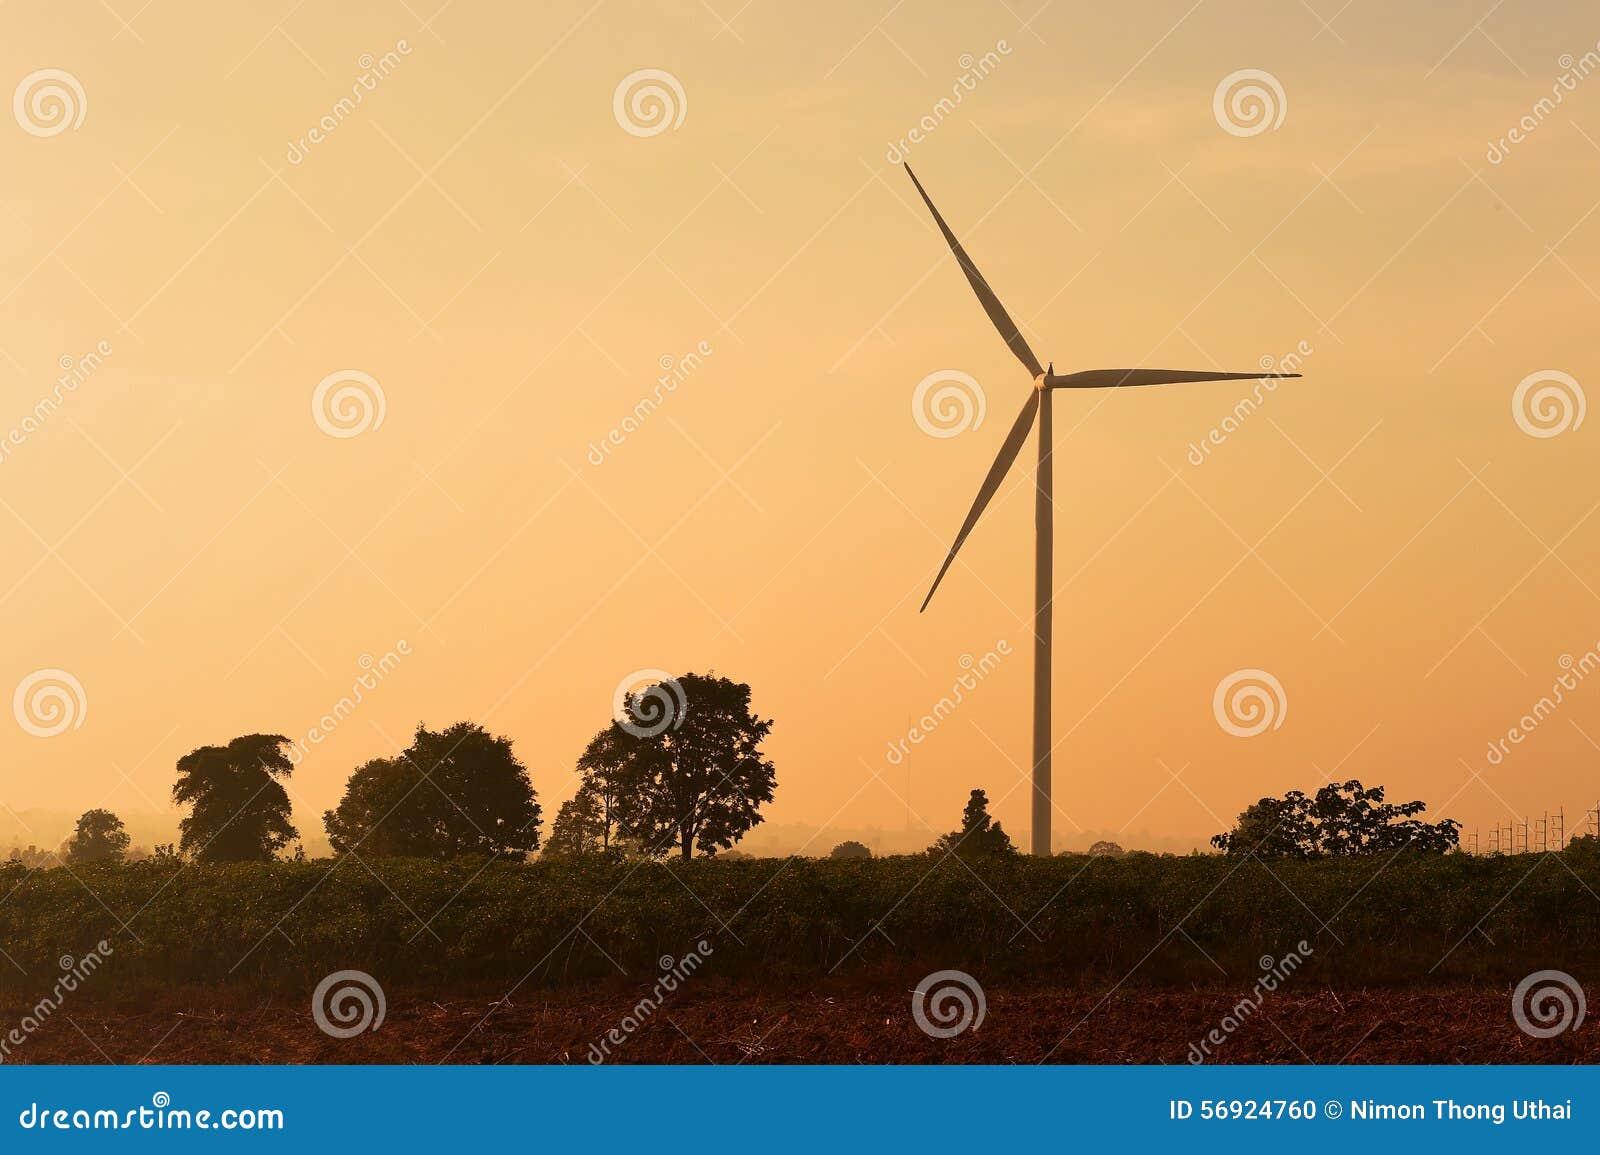 Σκιαγραφία ανεμοστροβίλων στο ηλιοβασίλεμα